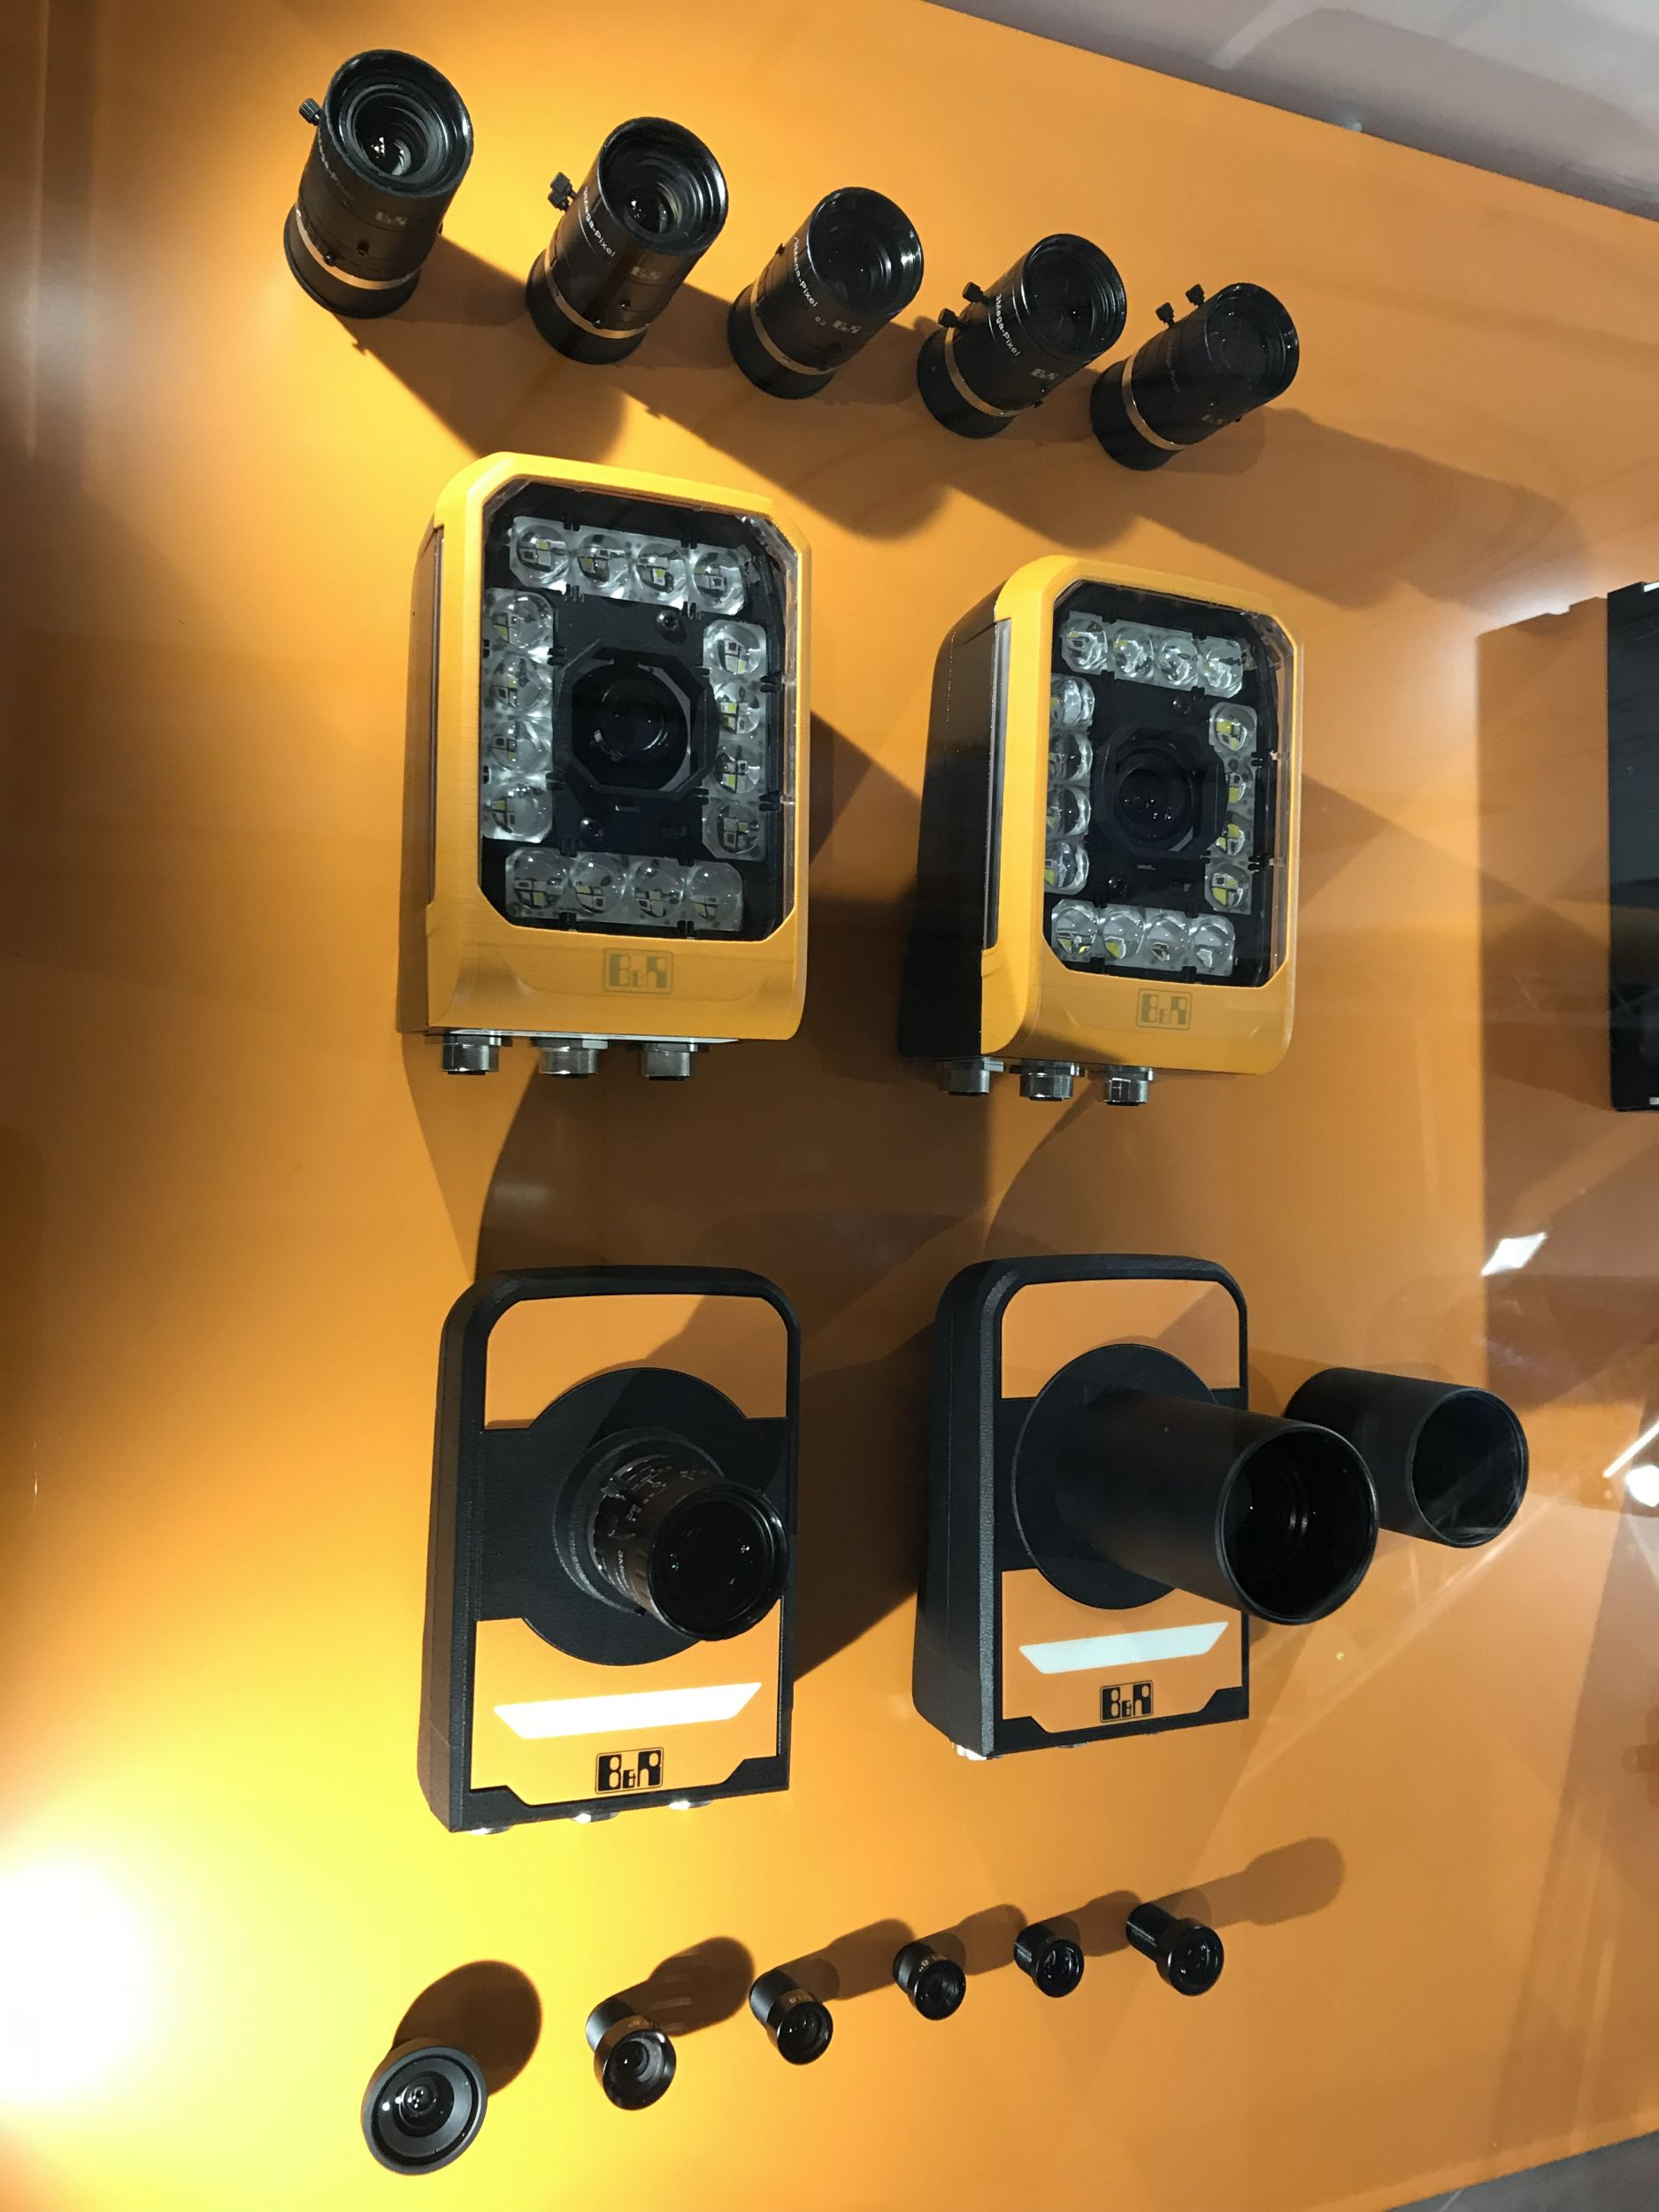 Die C-Mount Objektive für die intelligente Kamera von B&R stehen in Brennweiten von 12 bis 50mm zur Verfügung. (Bild: TeDo Verlag GmbH)